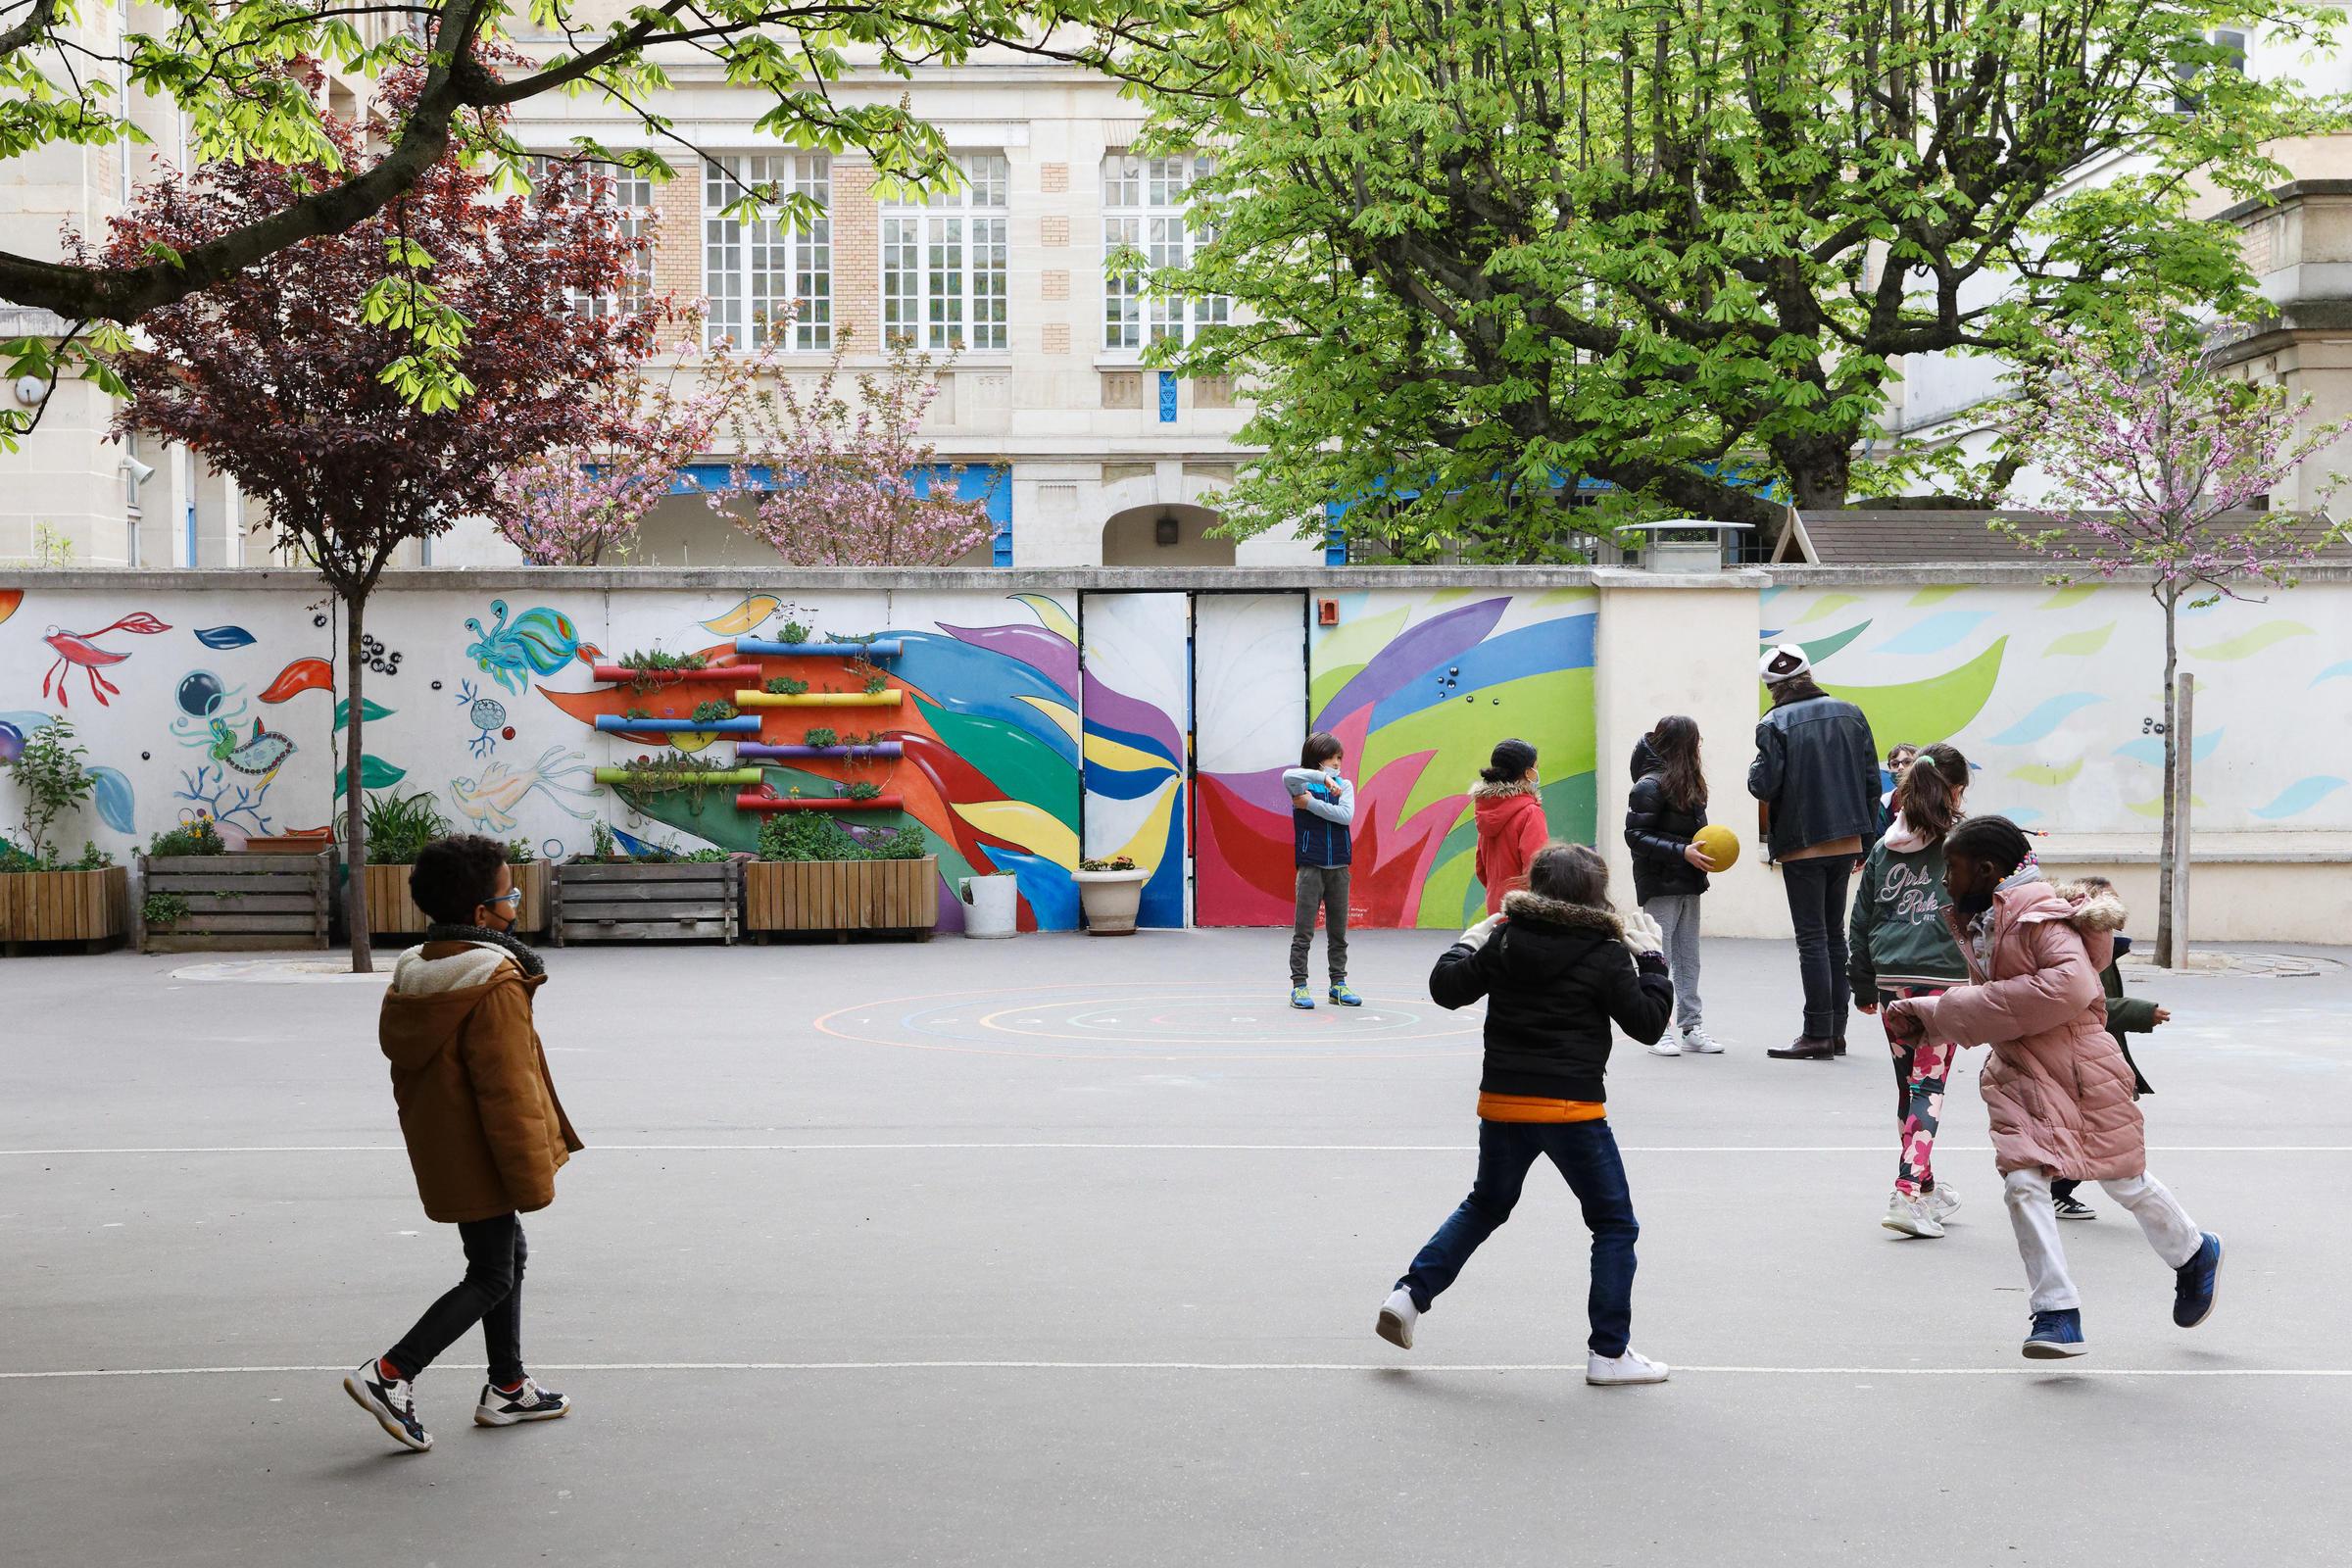 Des enfants jouent dans la cour.